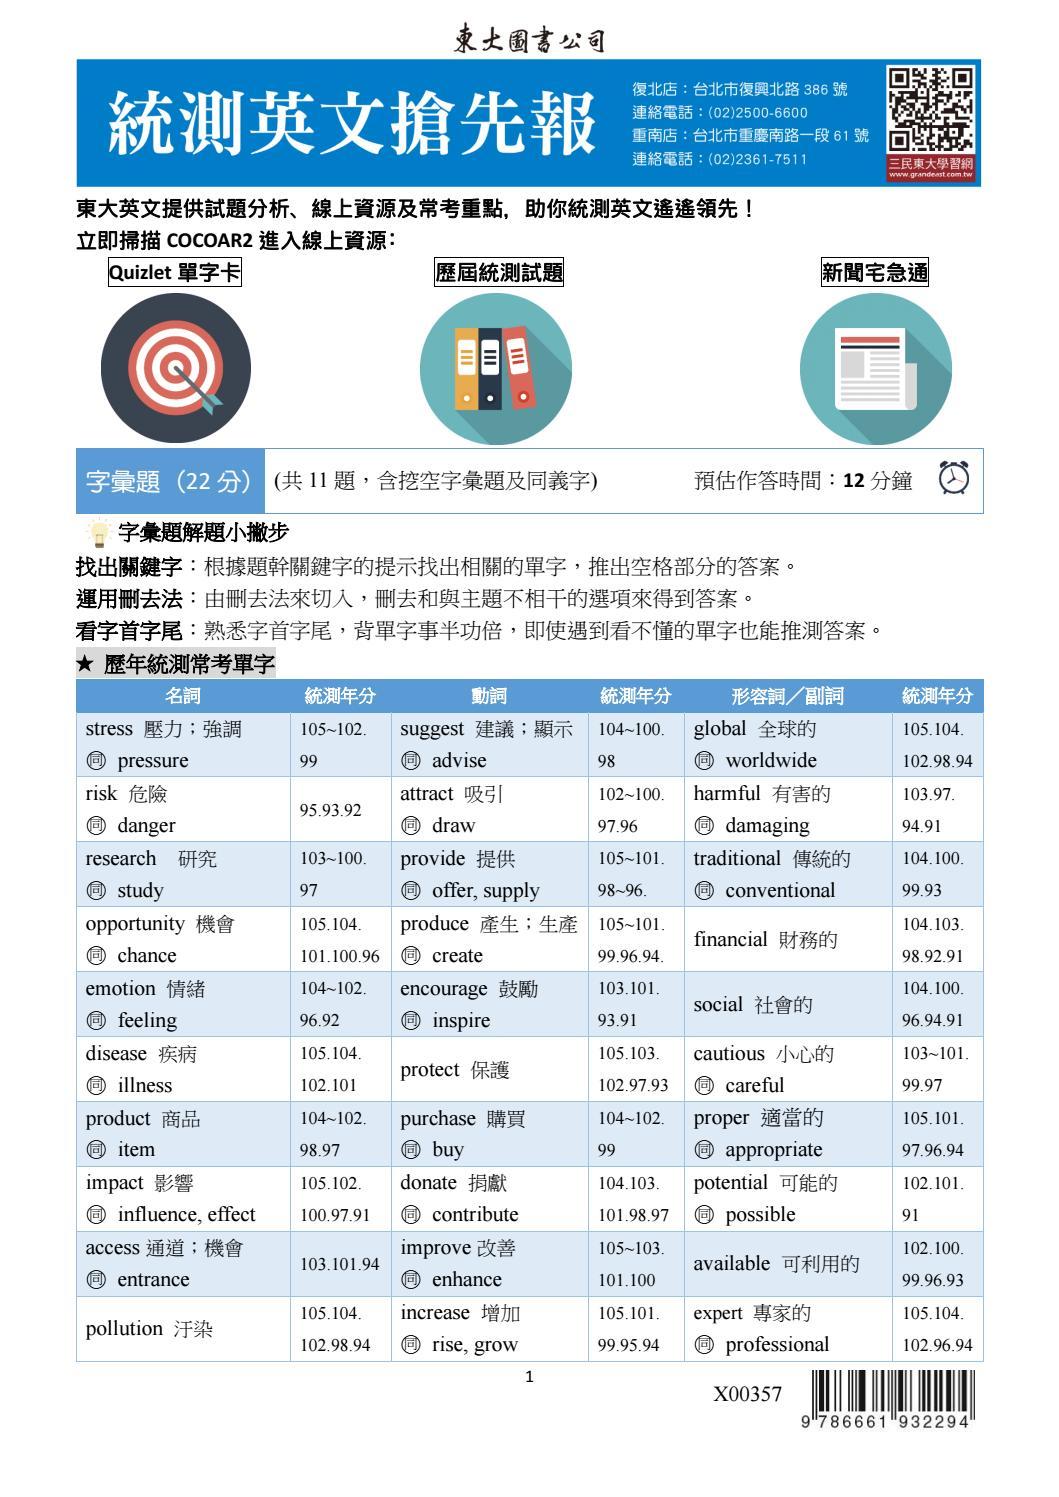 106統測英文搶先報 by 三民外文組 - Issuu